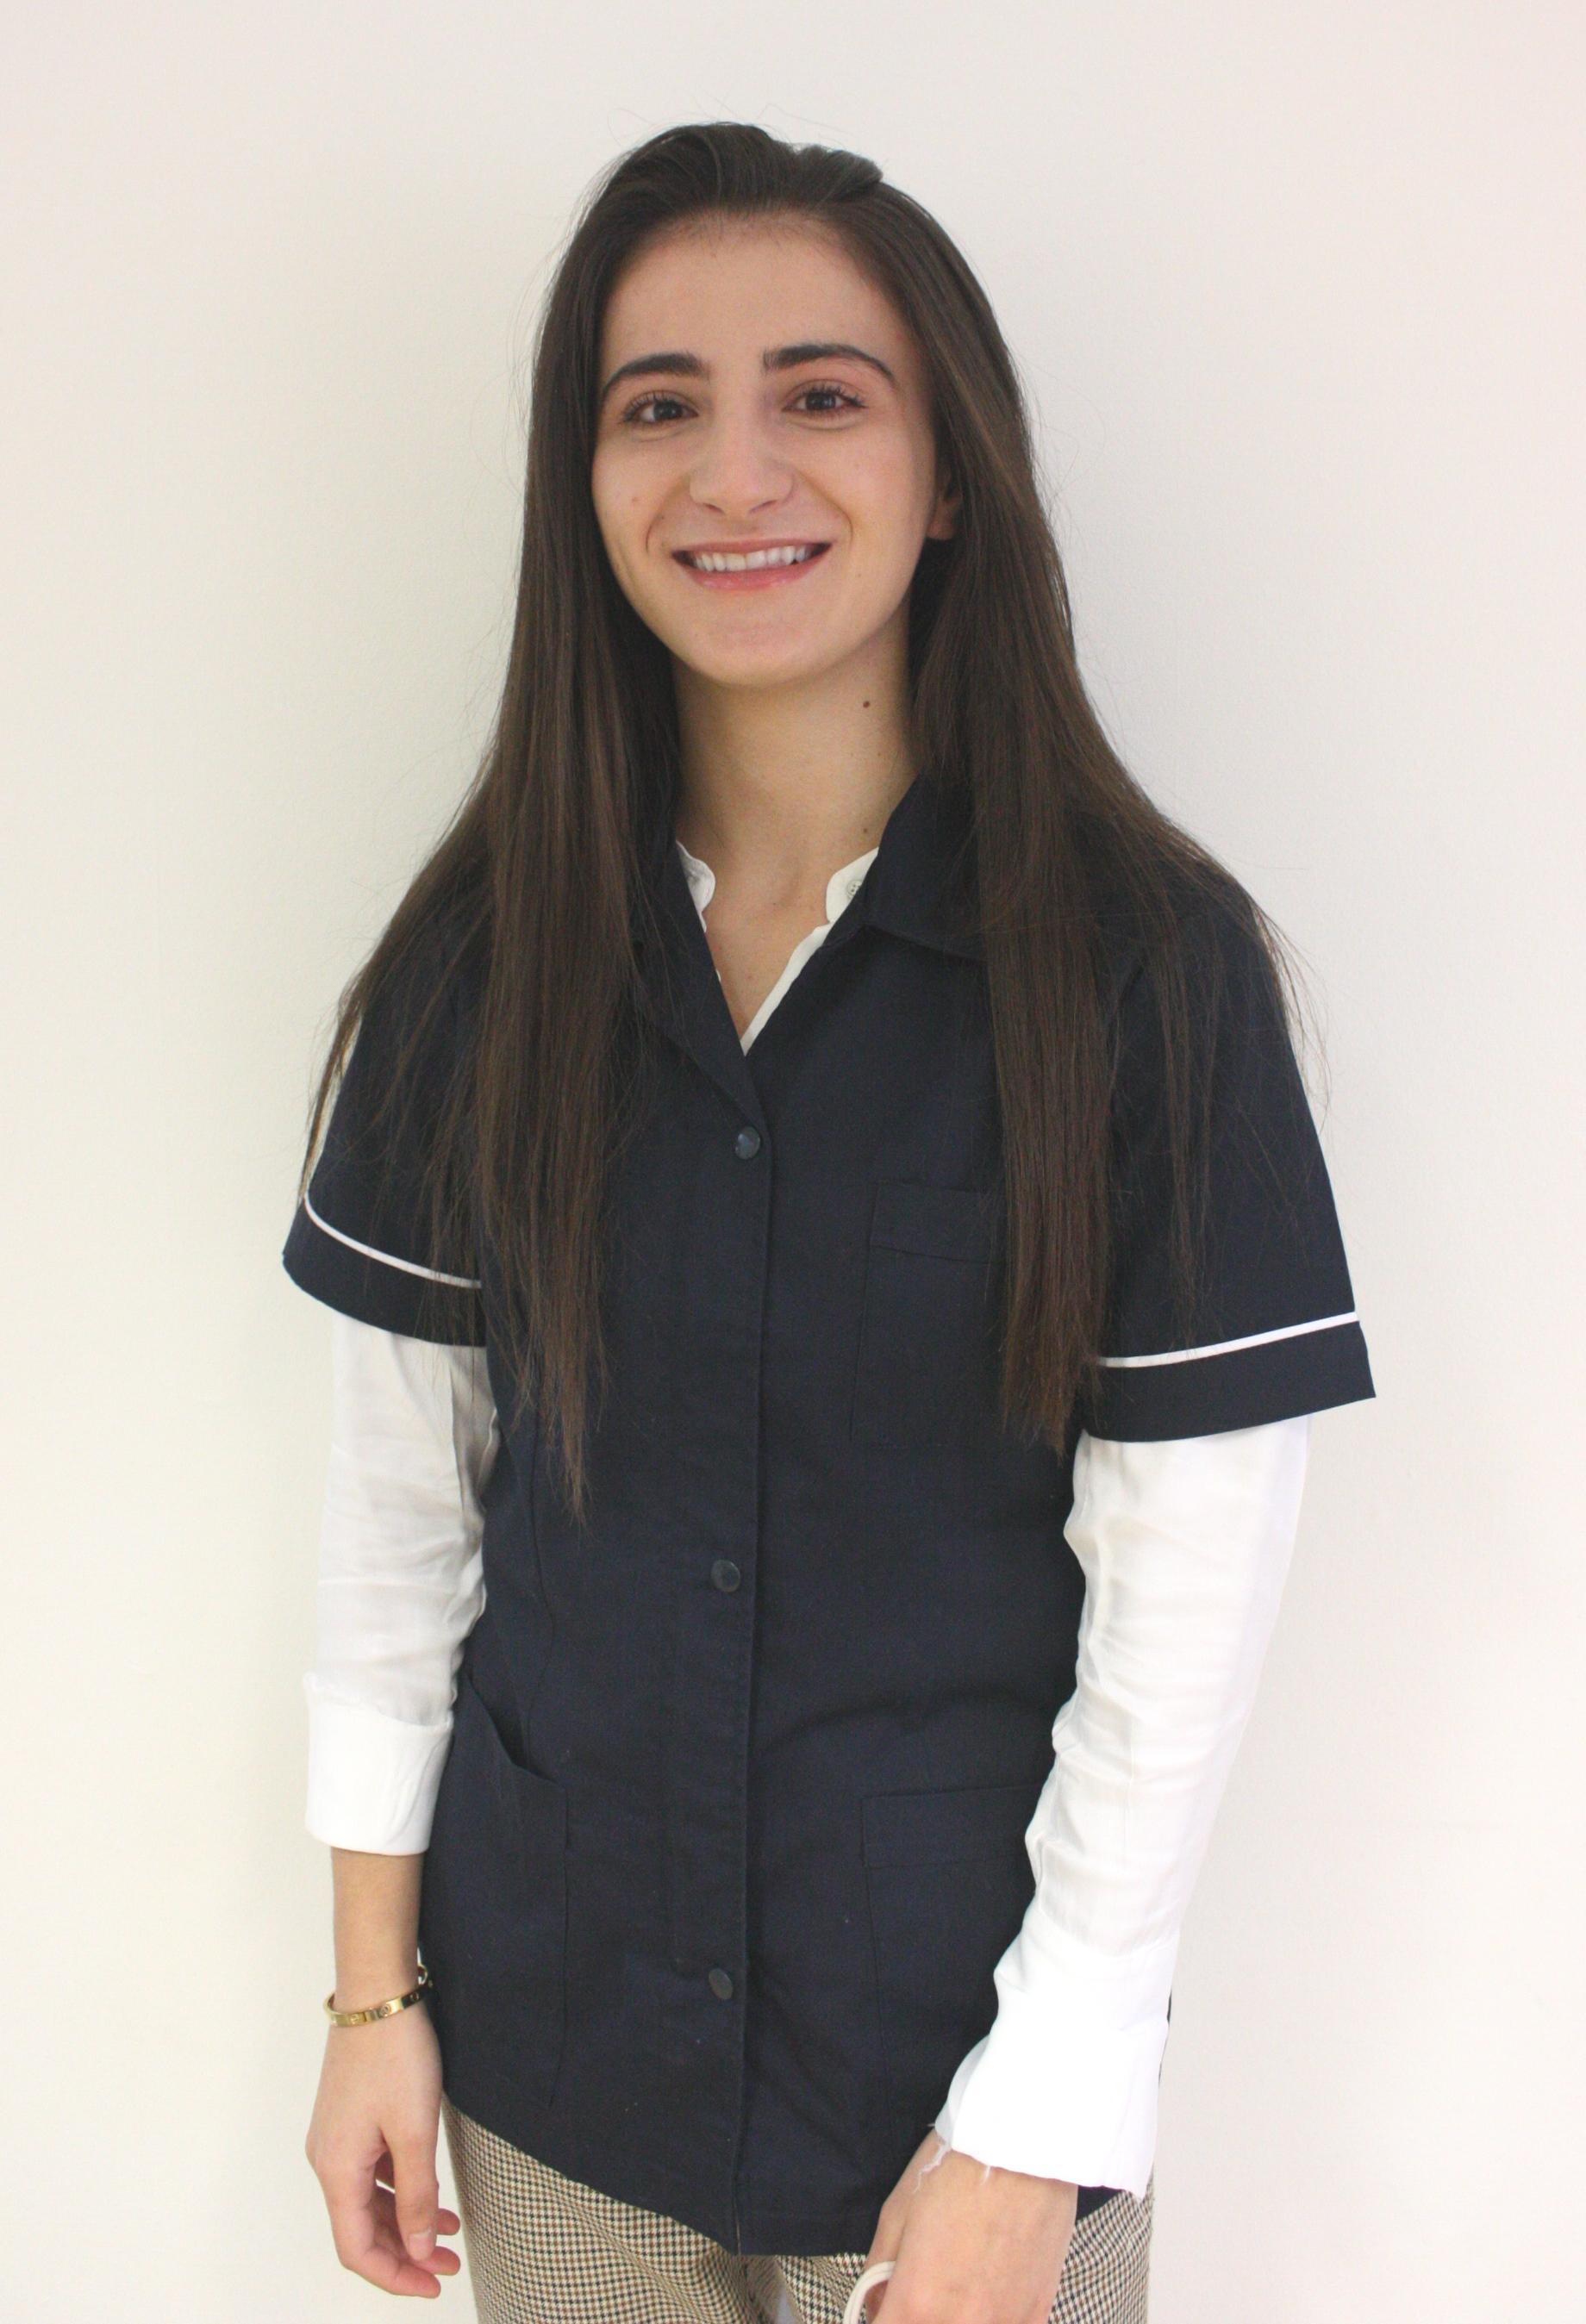 Migena Xhebexhia Trainee Nurse